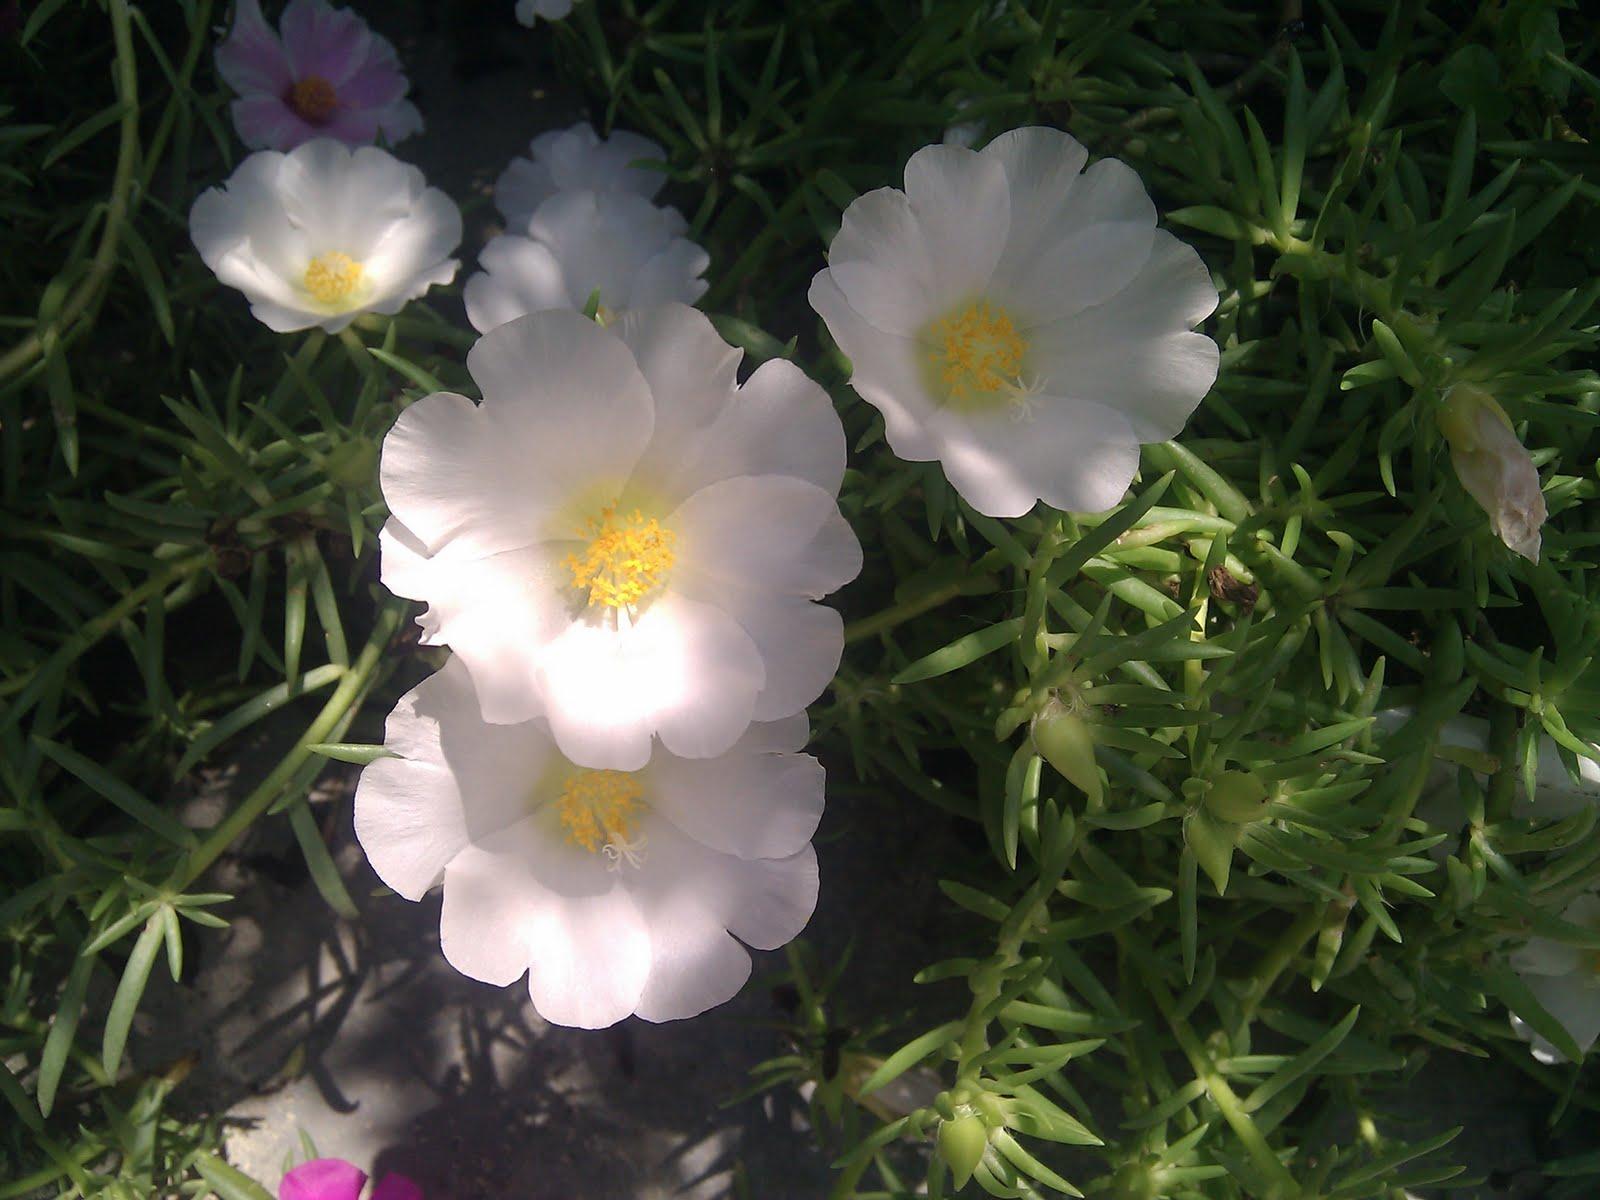 Hoa mười giờ màu trắng rất đẹp